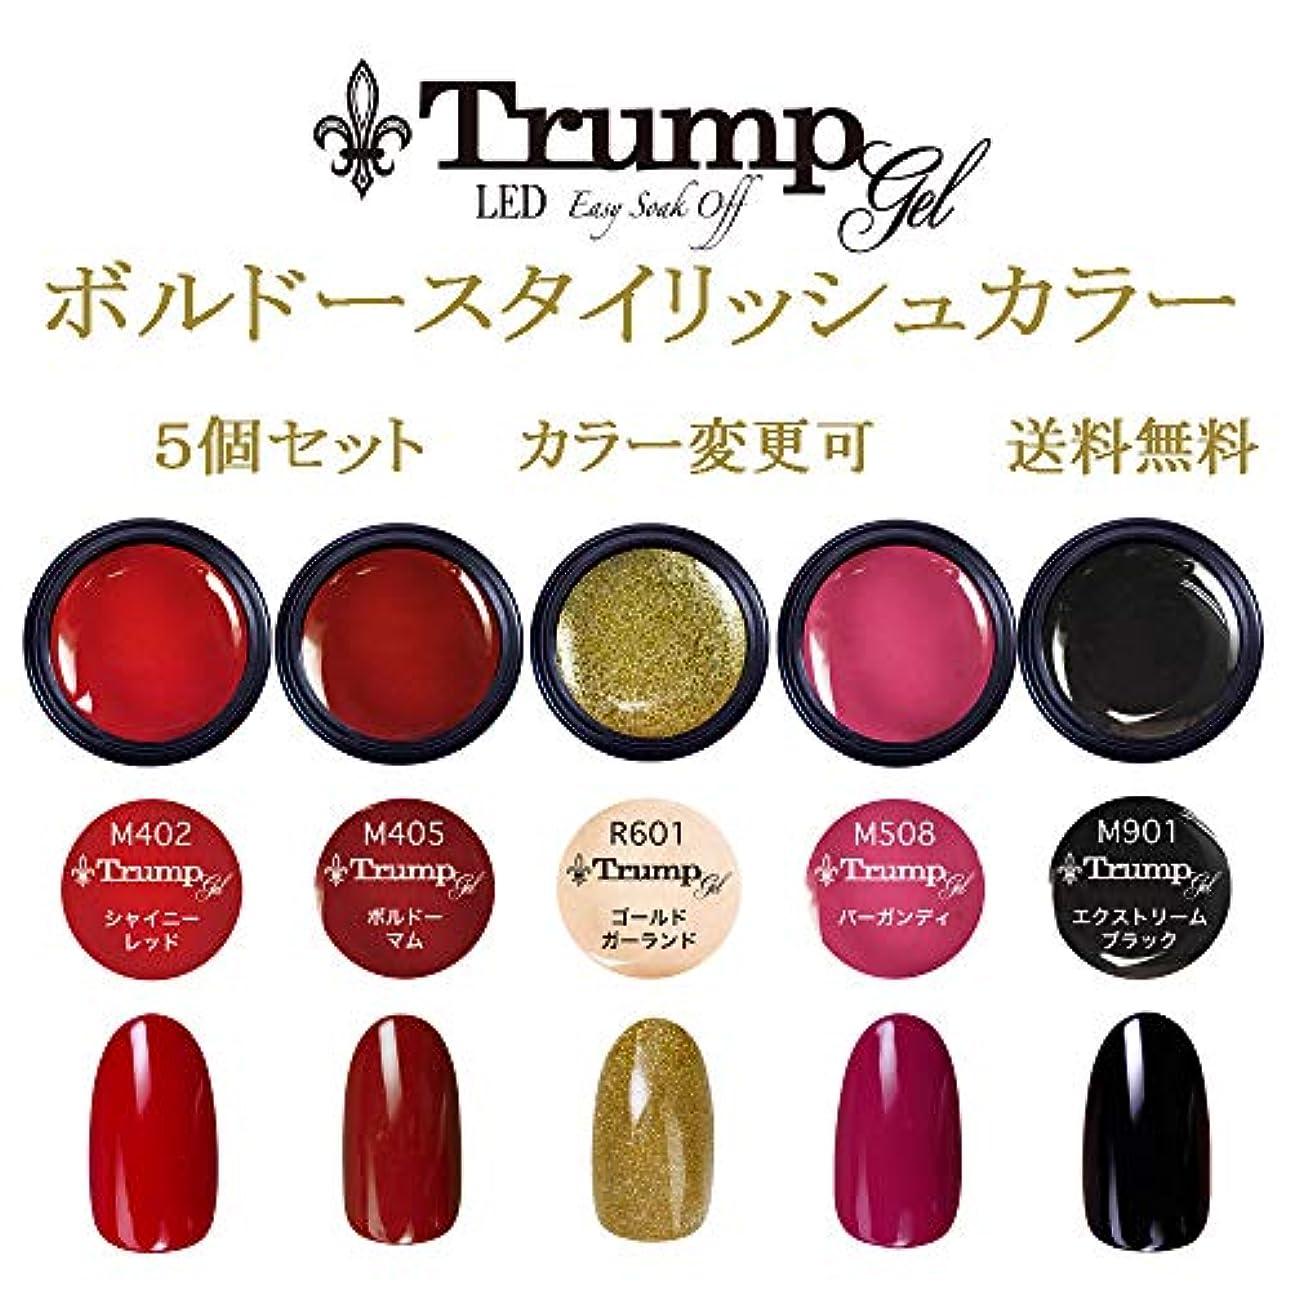 物思いにふける繰り返しためったに【送料無料】日本製 Trump gel ボルドースタイリッシュカラージェル5個セット ボルドーカラー スタイリッシュ クリスマス カラー